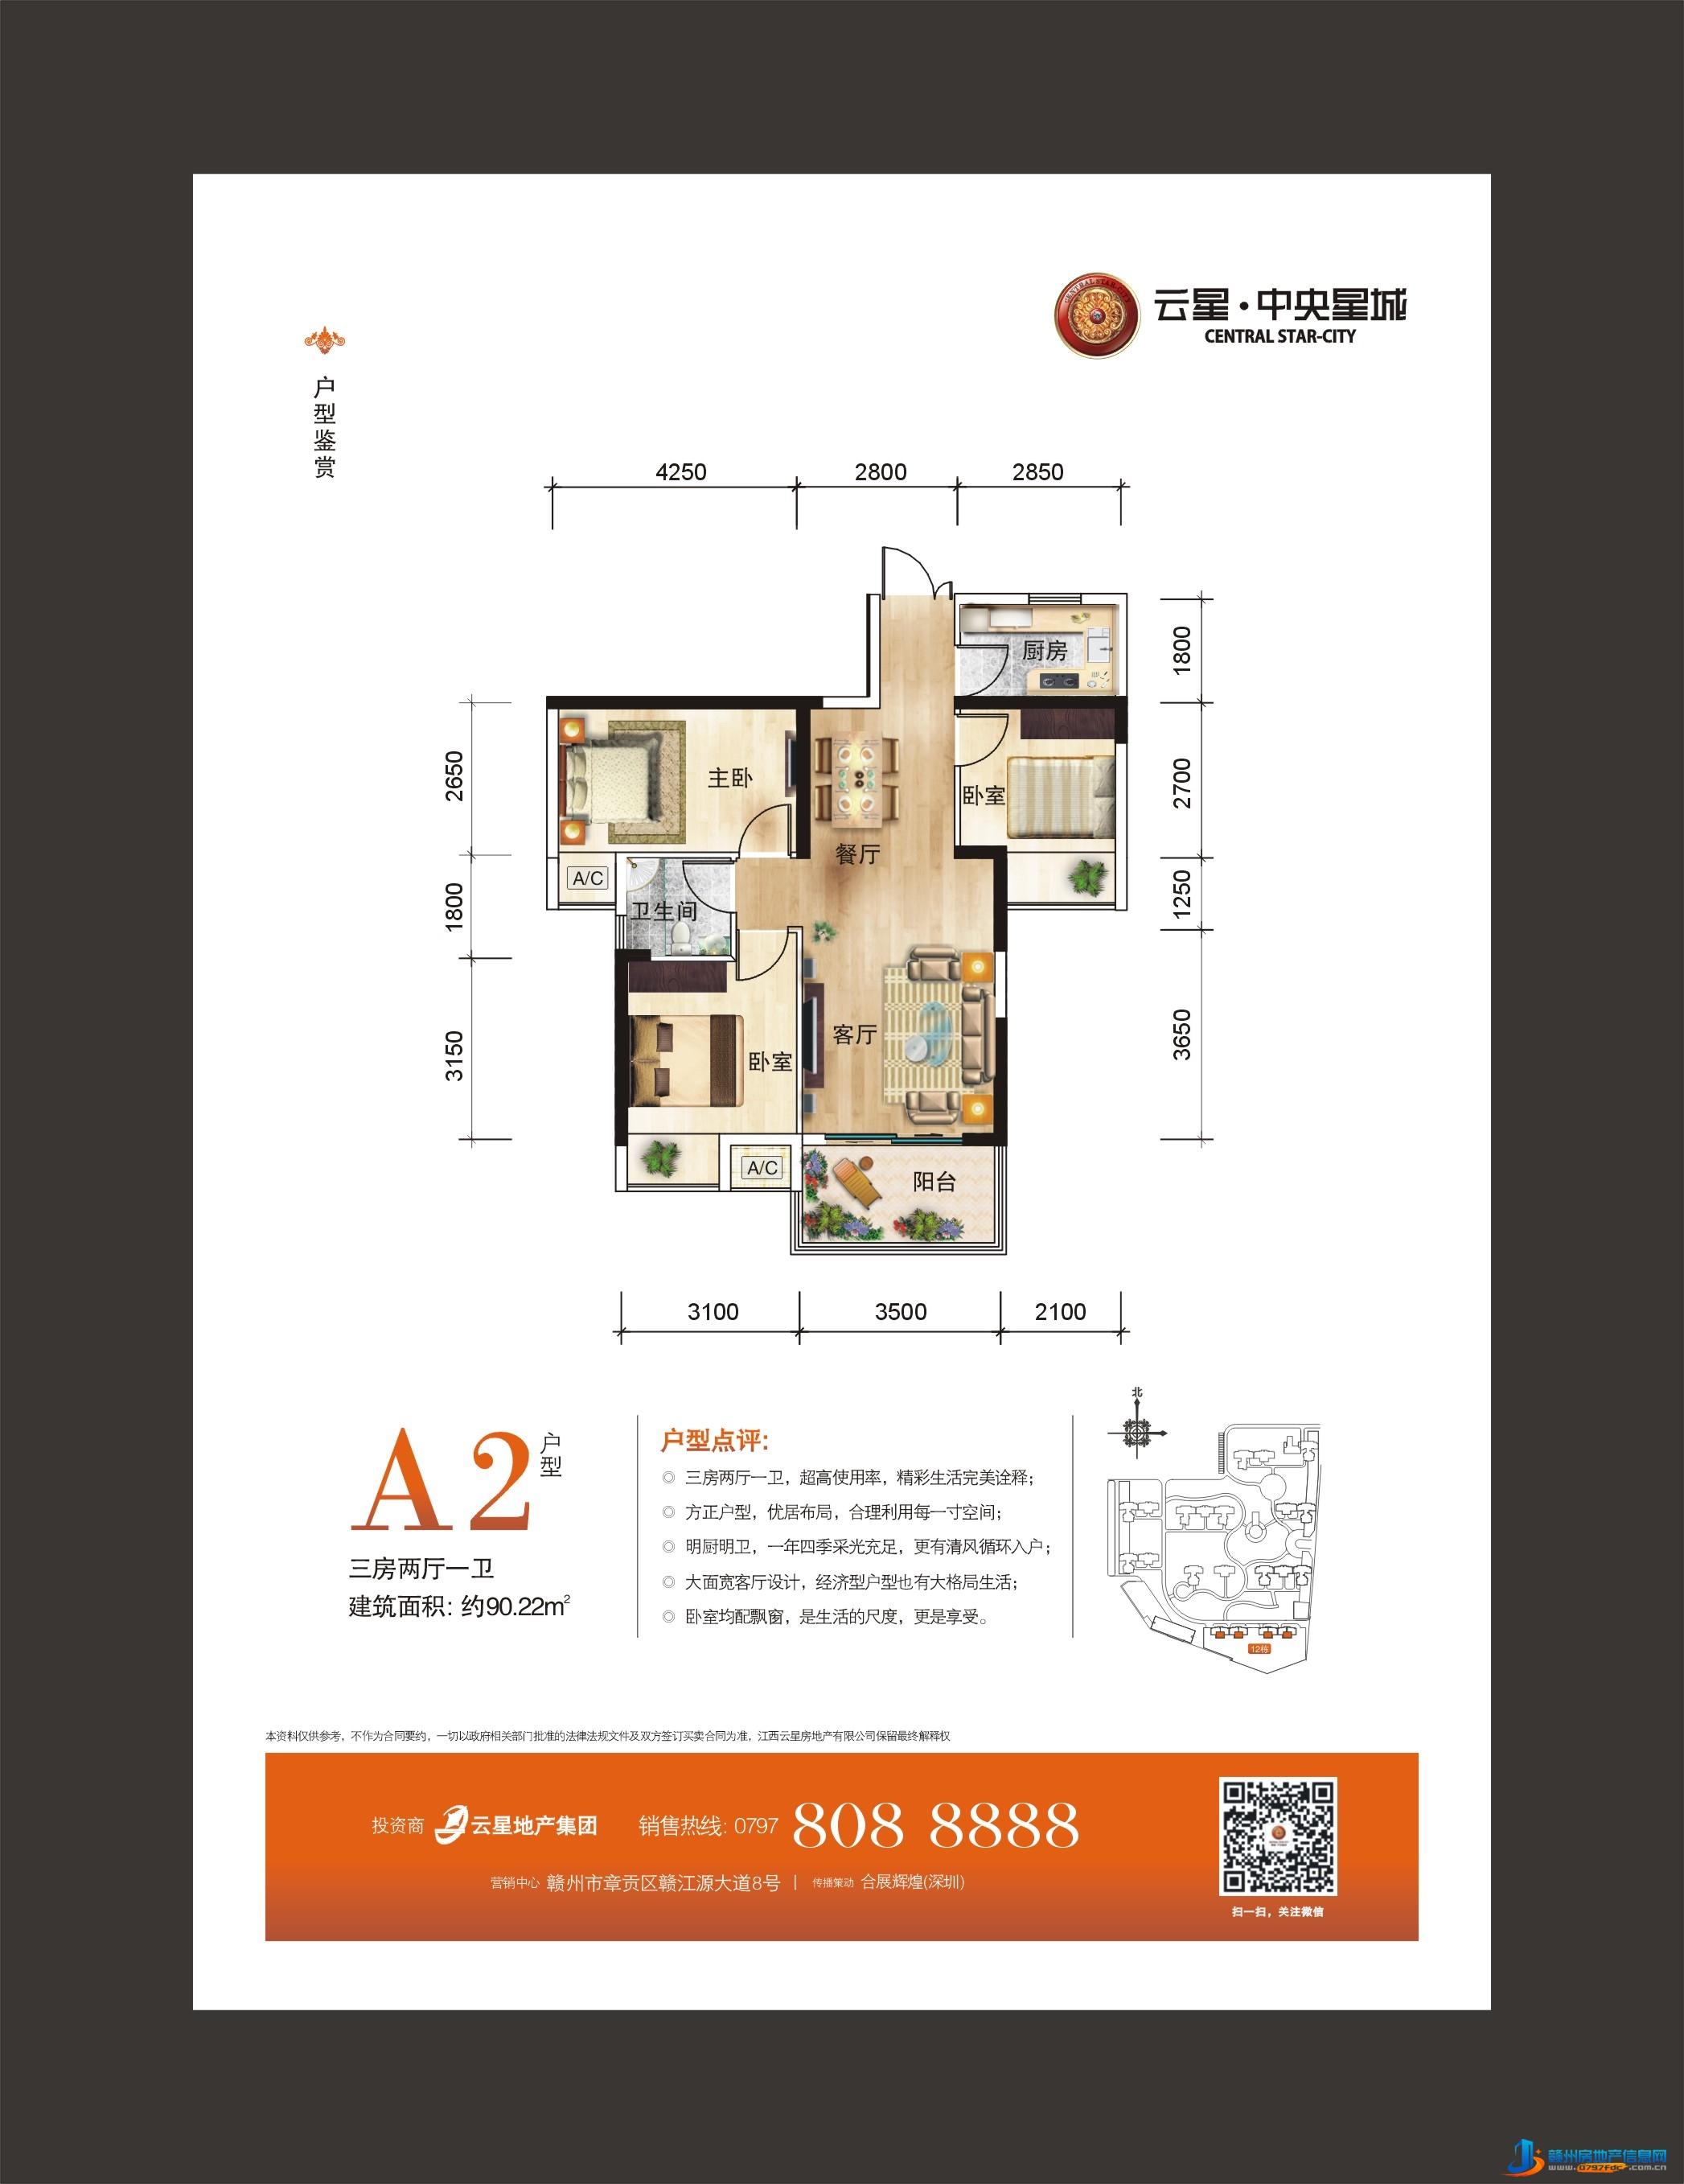 12#楼A2户型图(90.22㎡)